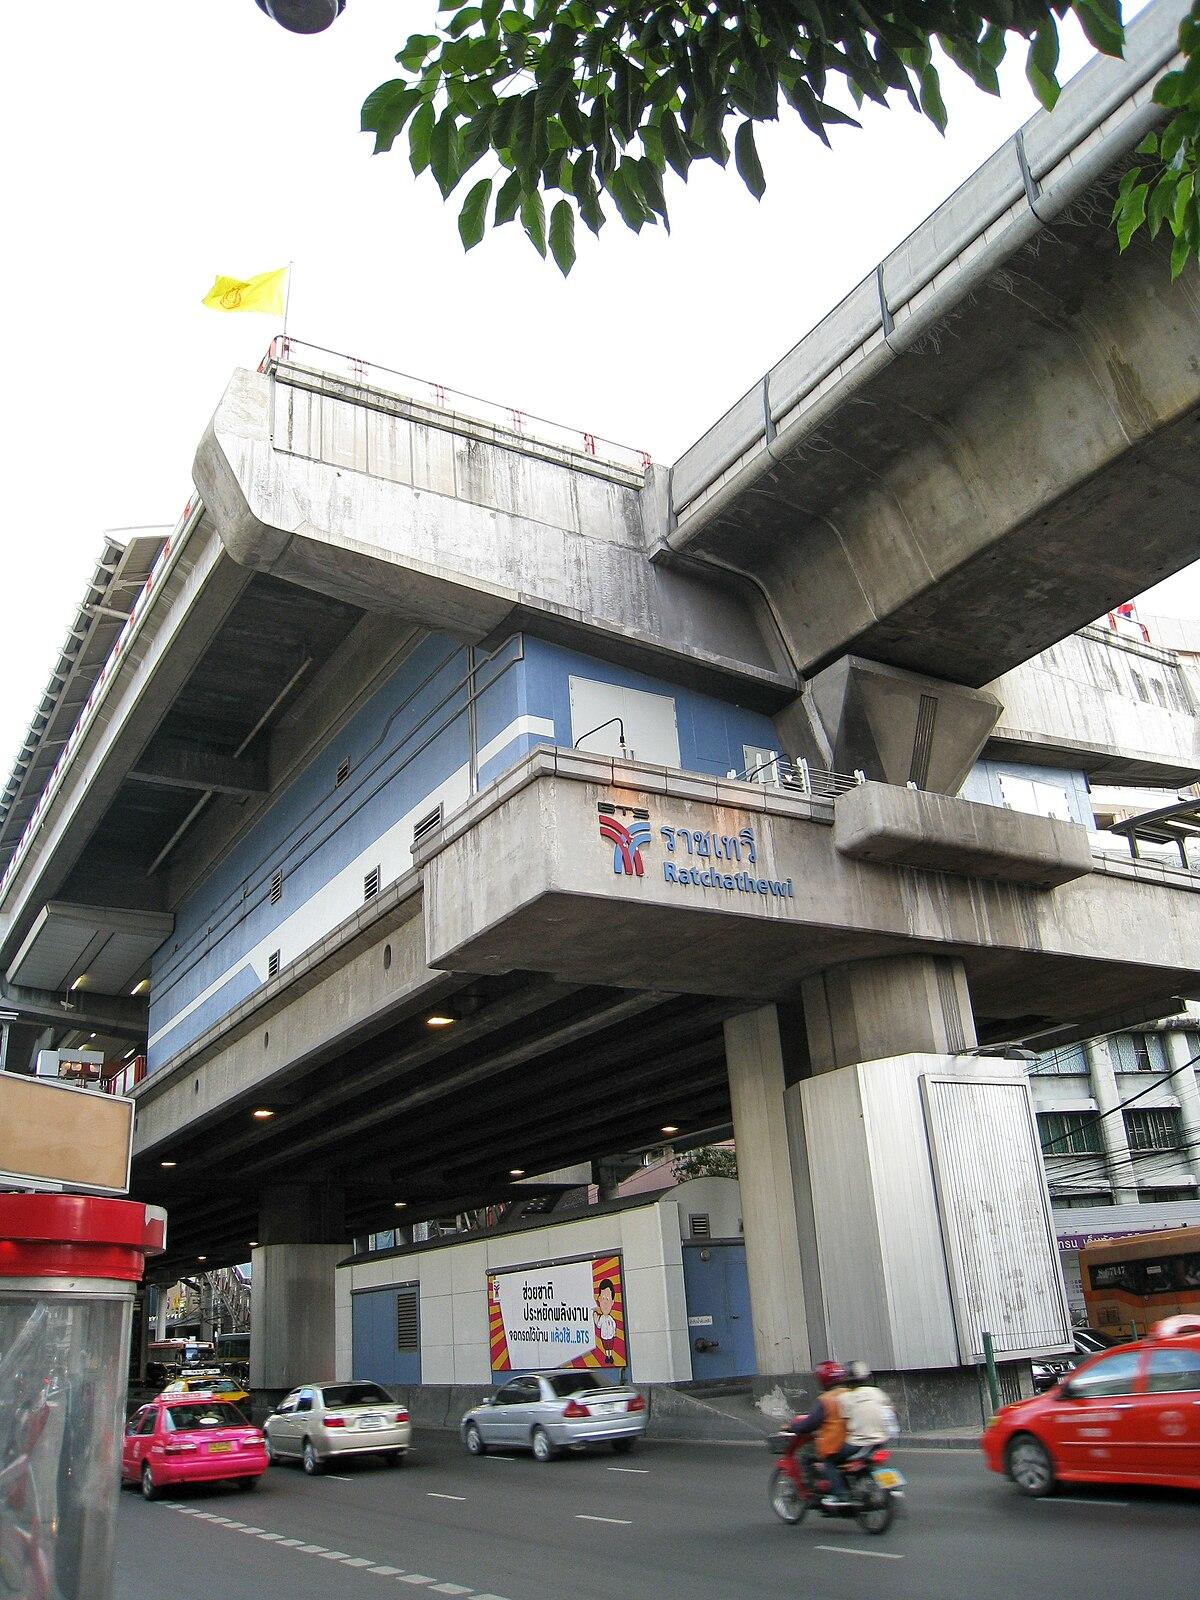 Ratchathewi station  Wikipedia